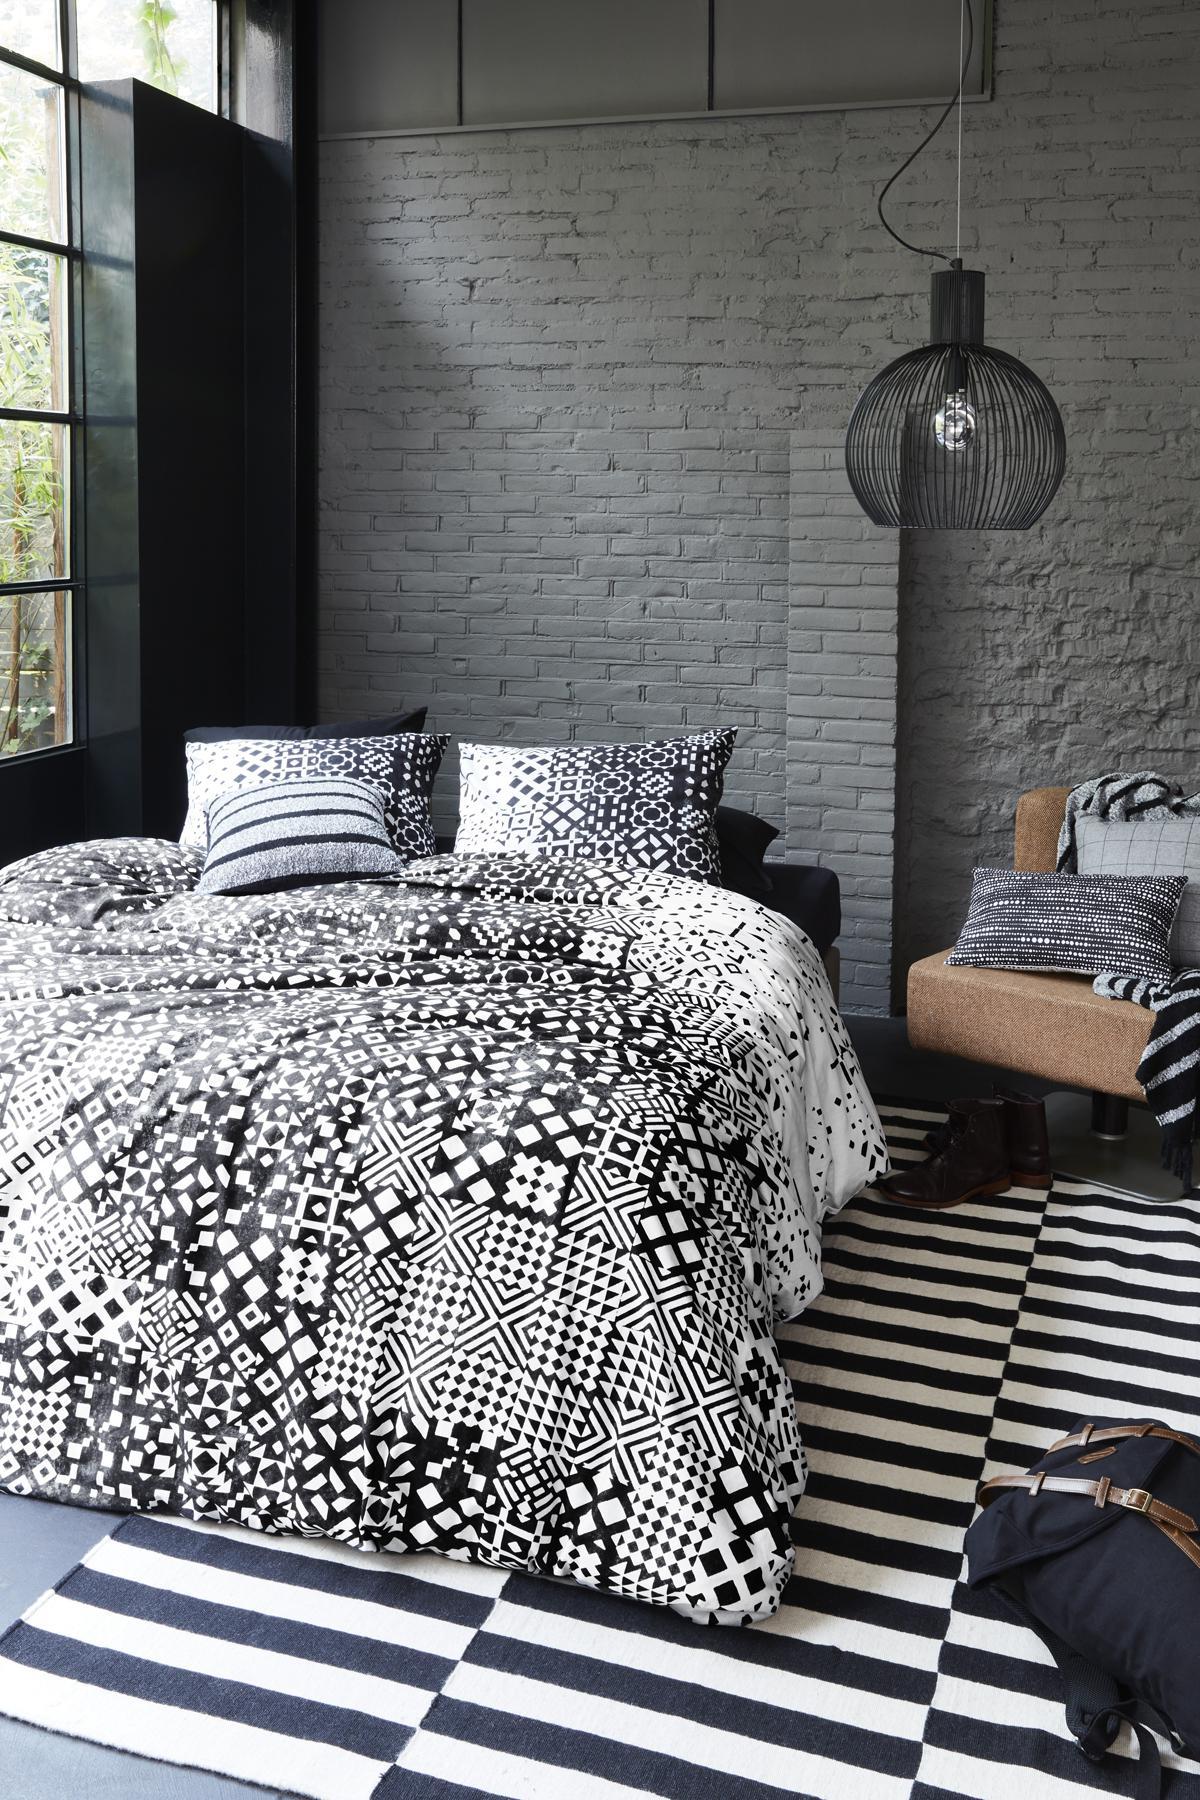 baumwoll bettw sche 135x200 schwarz wei beddinghouse 100. Black Bedroom Furniture Sets. Home Design Ideas